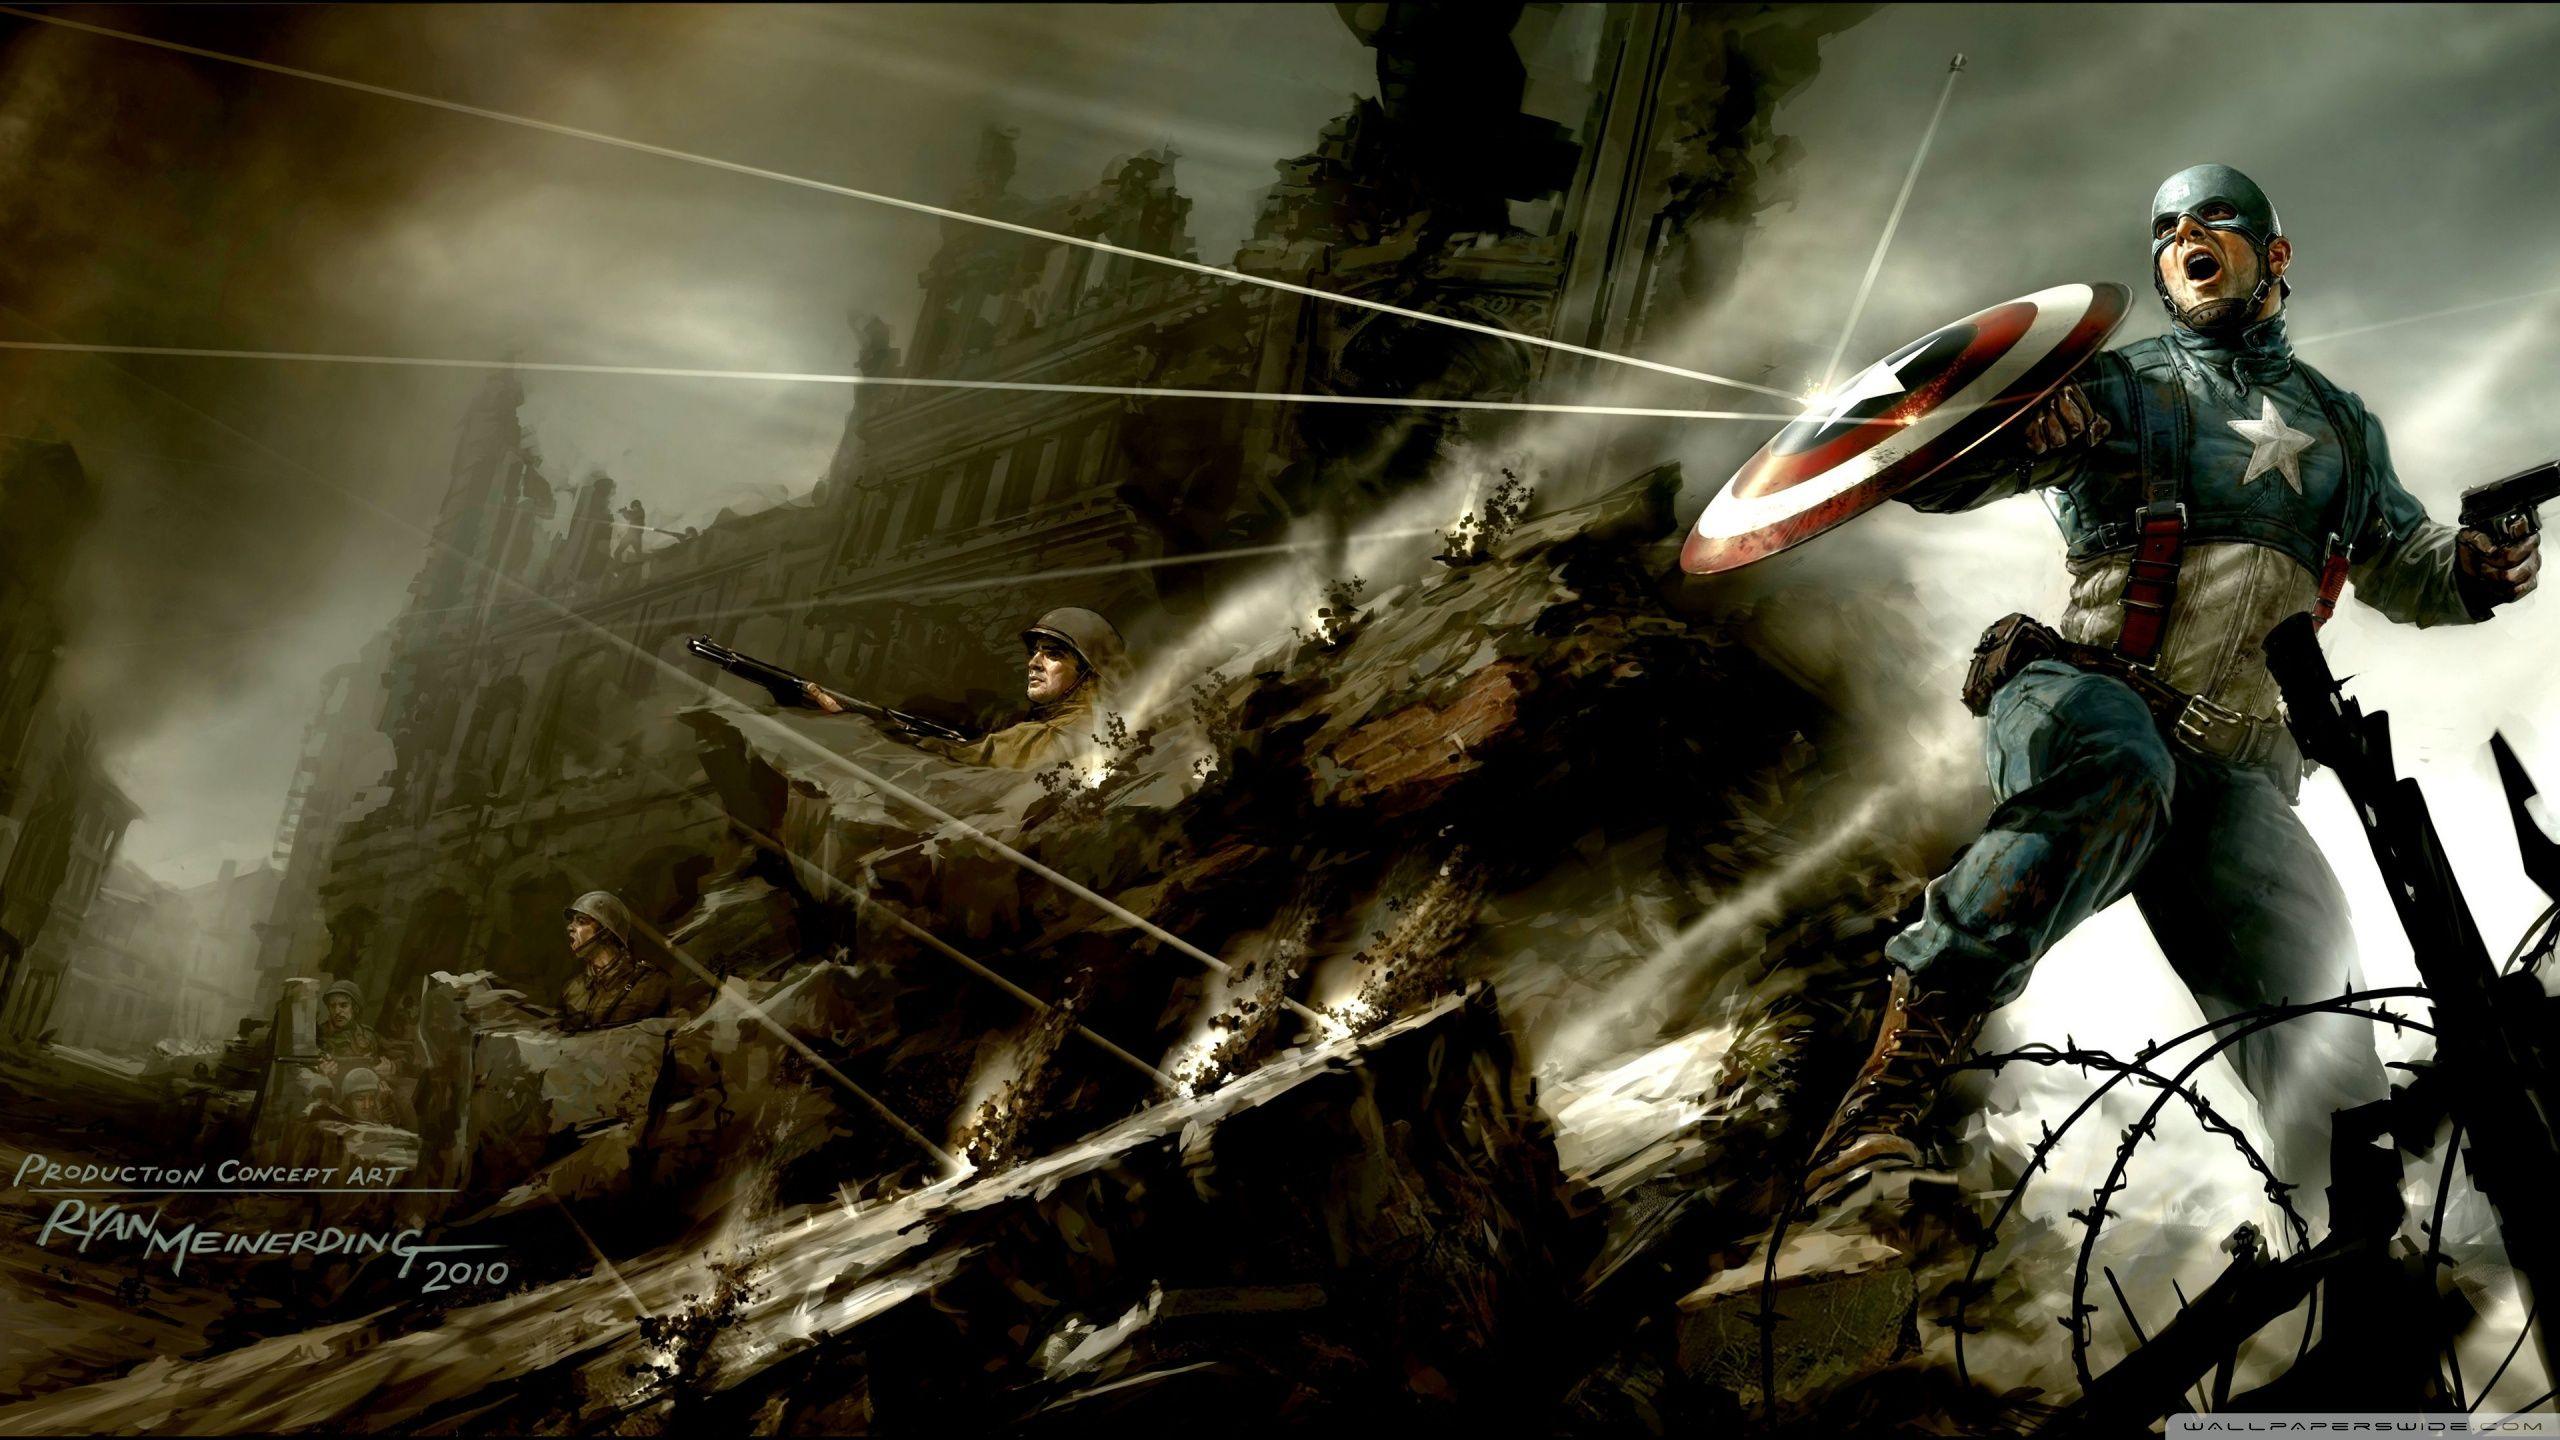 Top Wallpaper Marvel Lizard - 56d5b4813c828dda235a395c42d0df96  Picture_319253.jpg